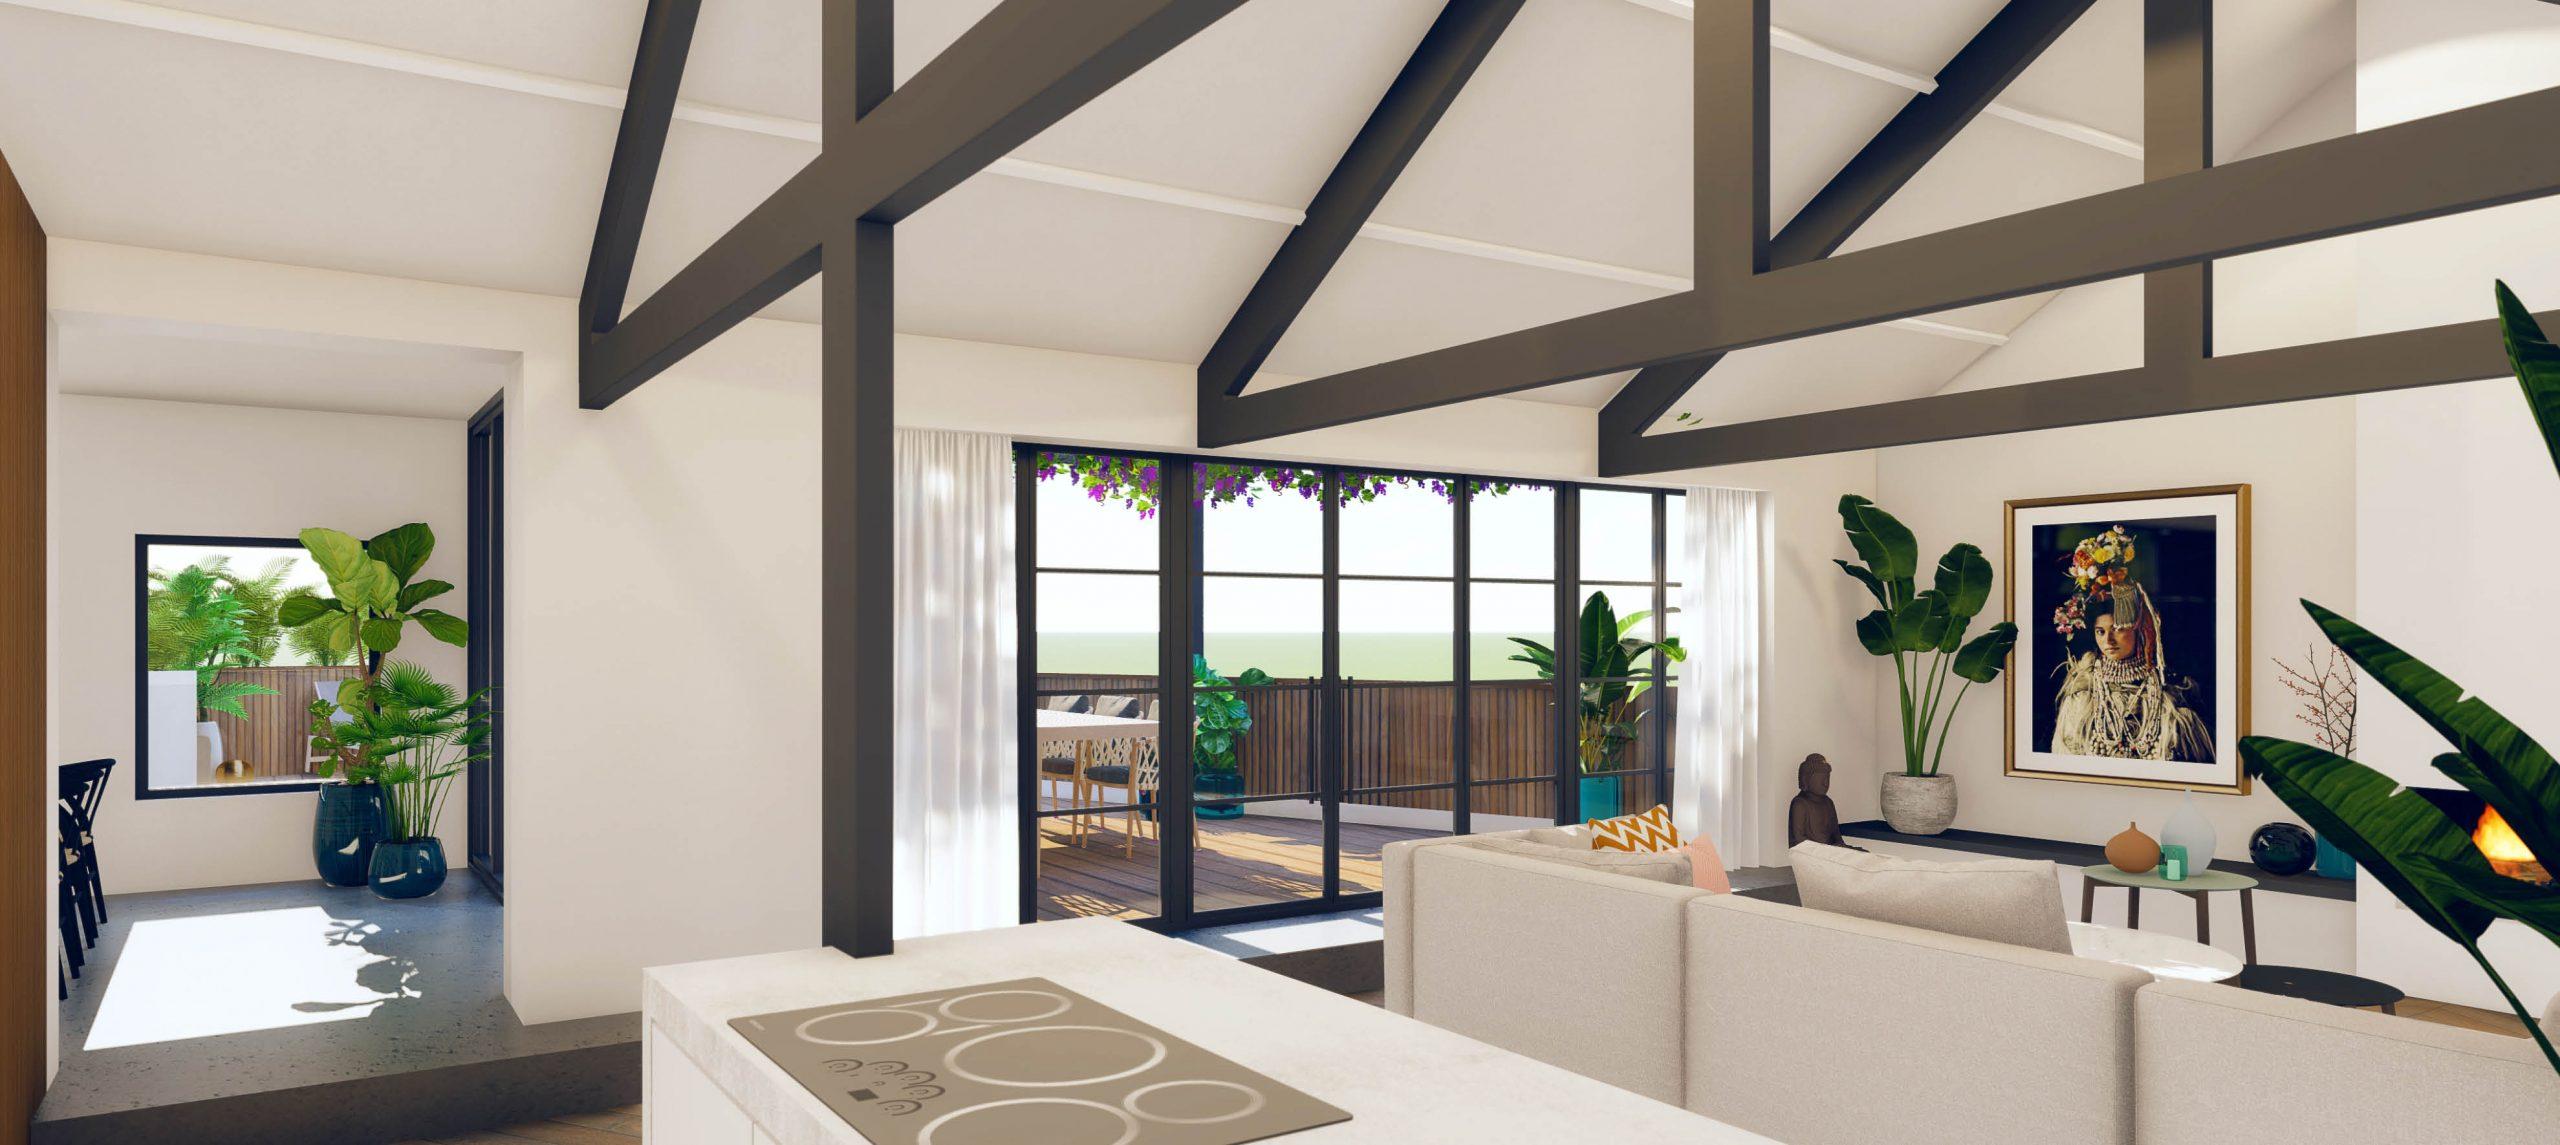 Project-noordwijk-de-perfecte-verbouwing-aflevering-7-keuken-van-egmond-architecten